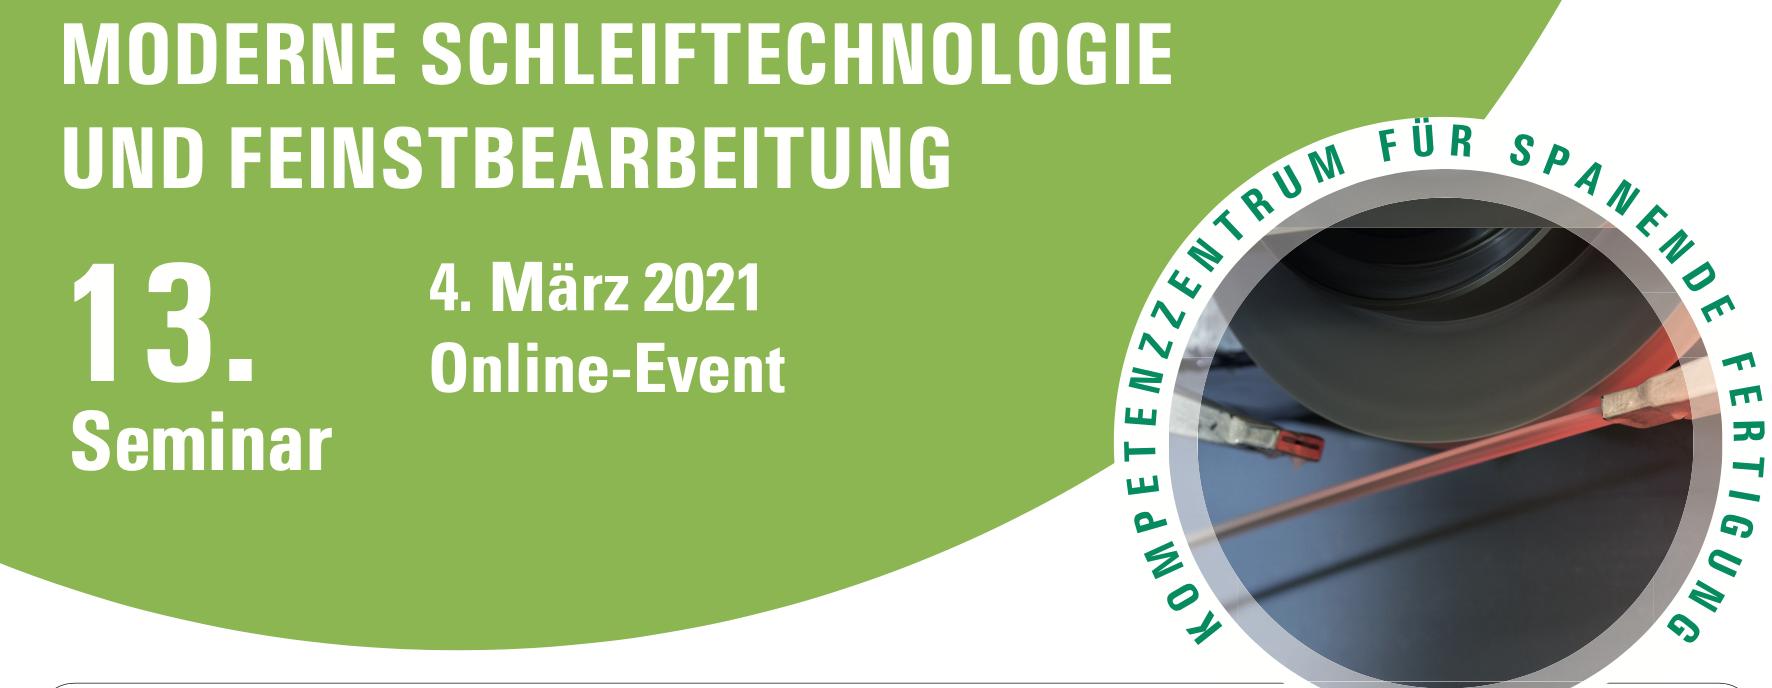 """13. Seminar """"Moderne Schleiftechnologie und Feinstbearbeitung"""""""